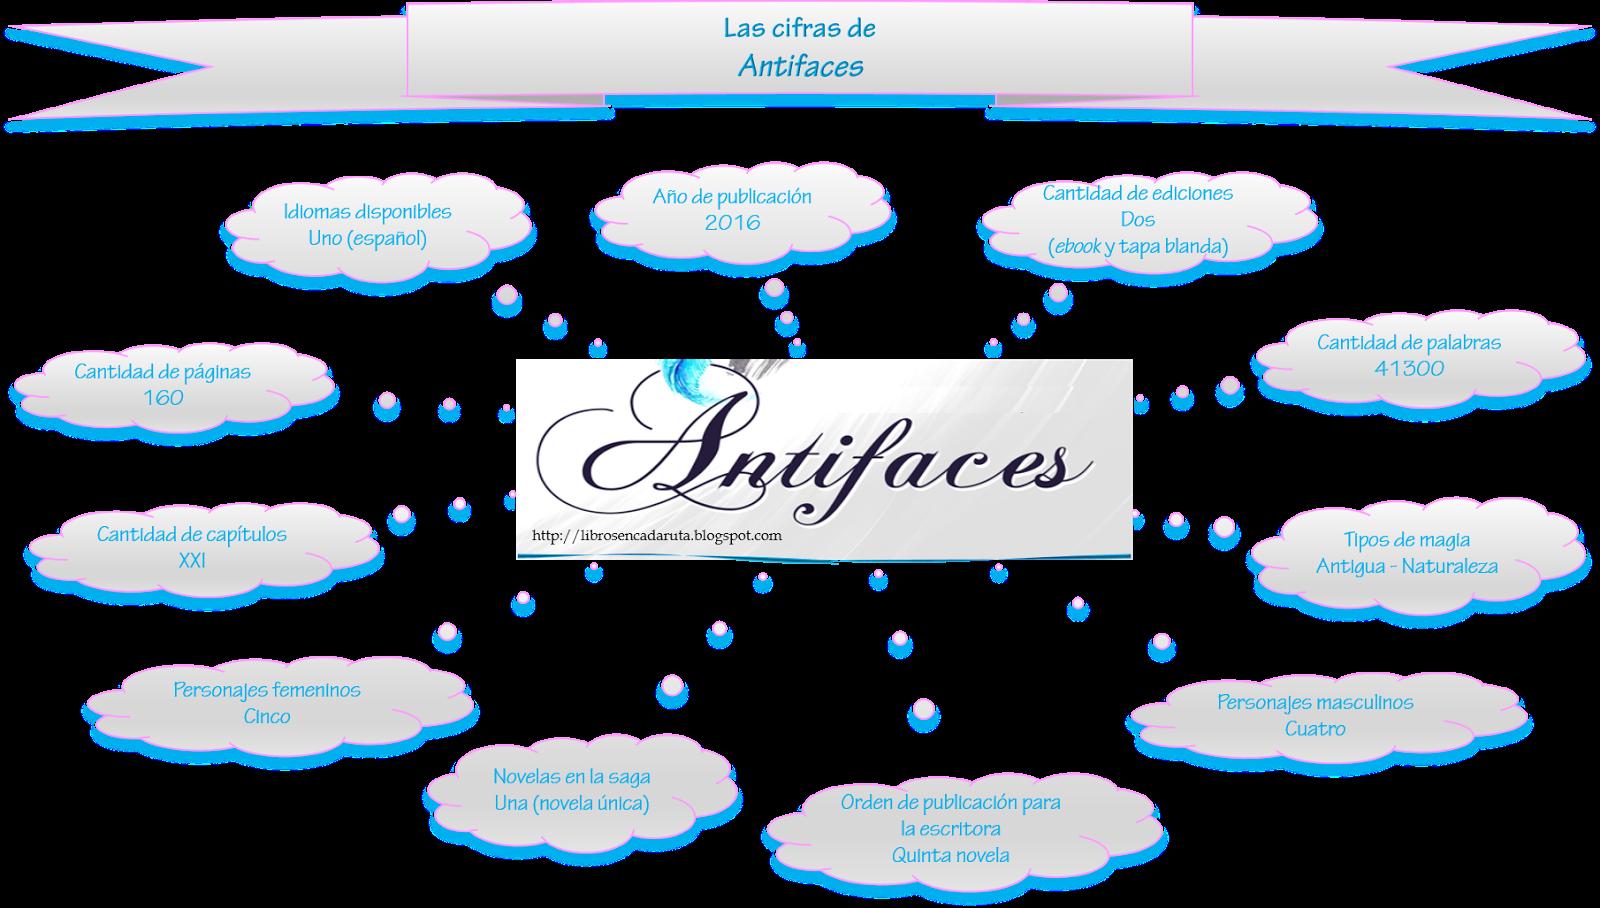 Antifaces_infografico